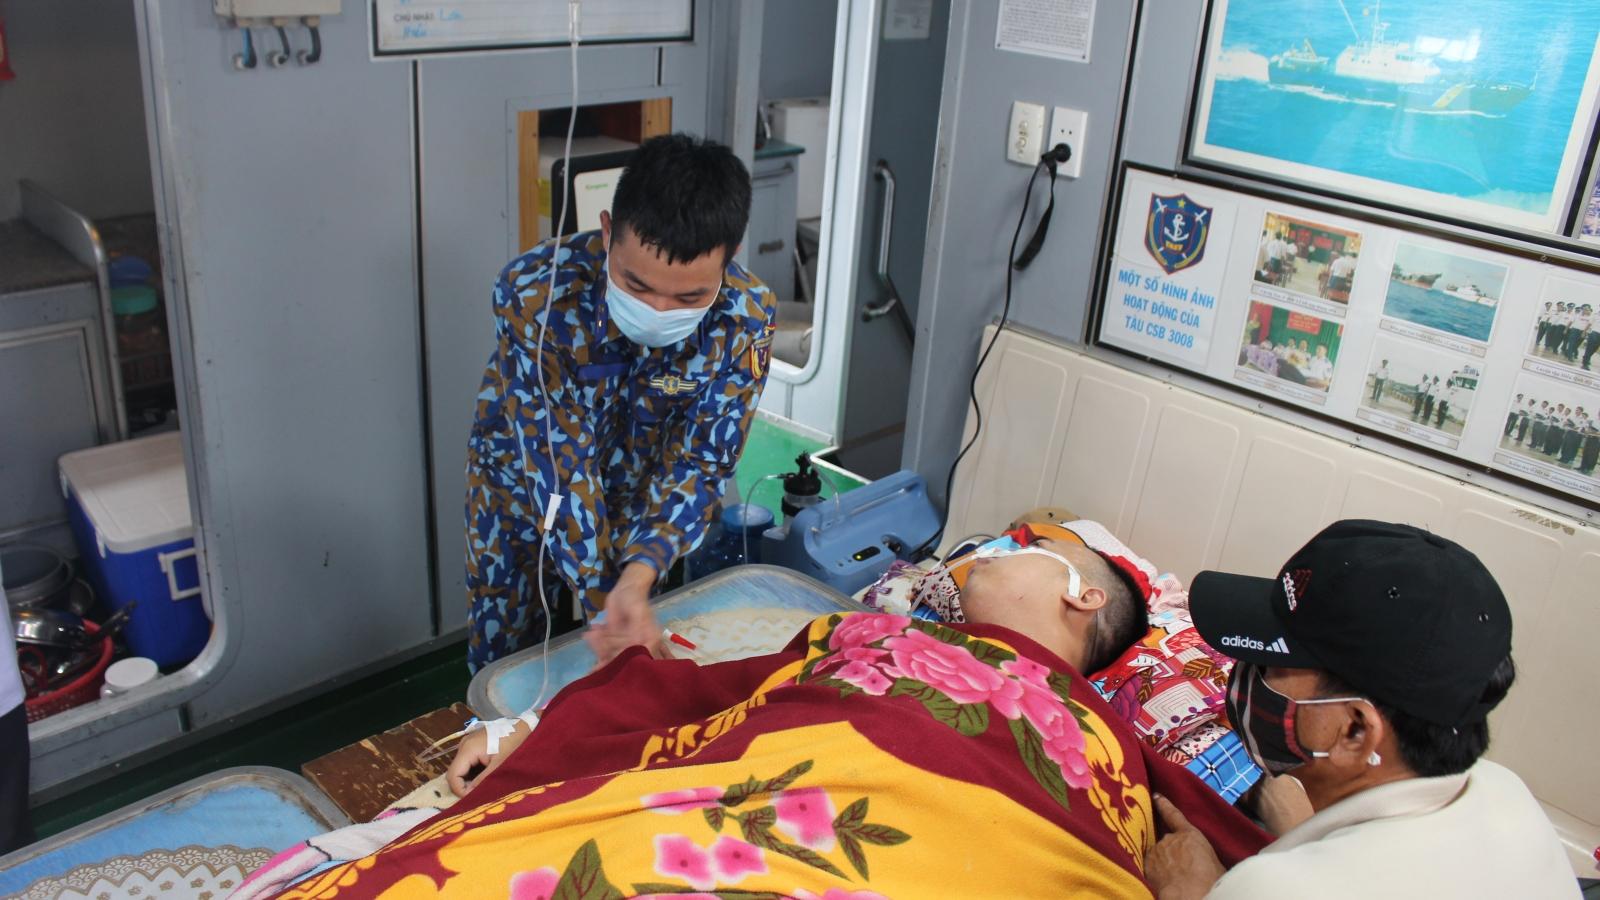 Cảnh sát biển cấp cứu 1 người dân nhiễm trùng đường ruột trên đảo Thổ Châu